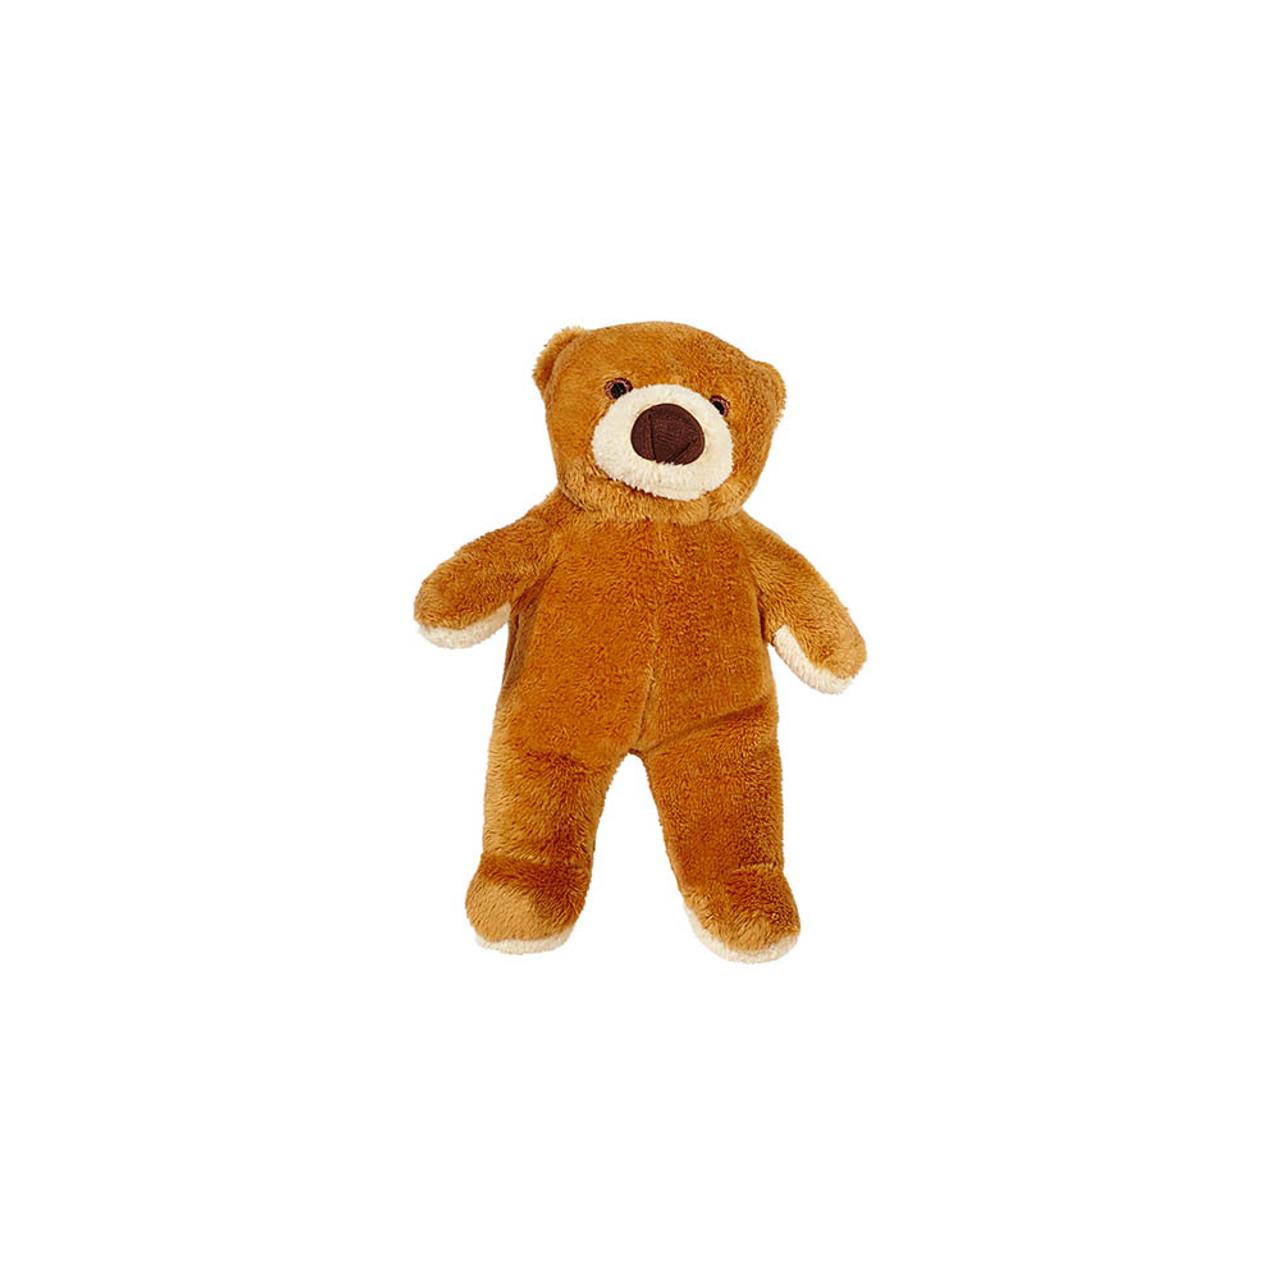 Fluff & Tuff Cubby Bear Plush Dog Toy